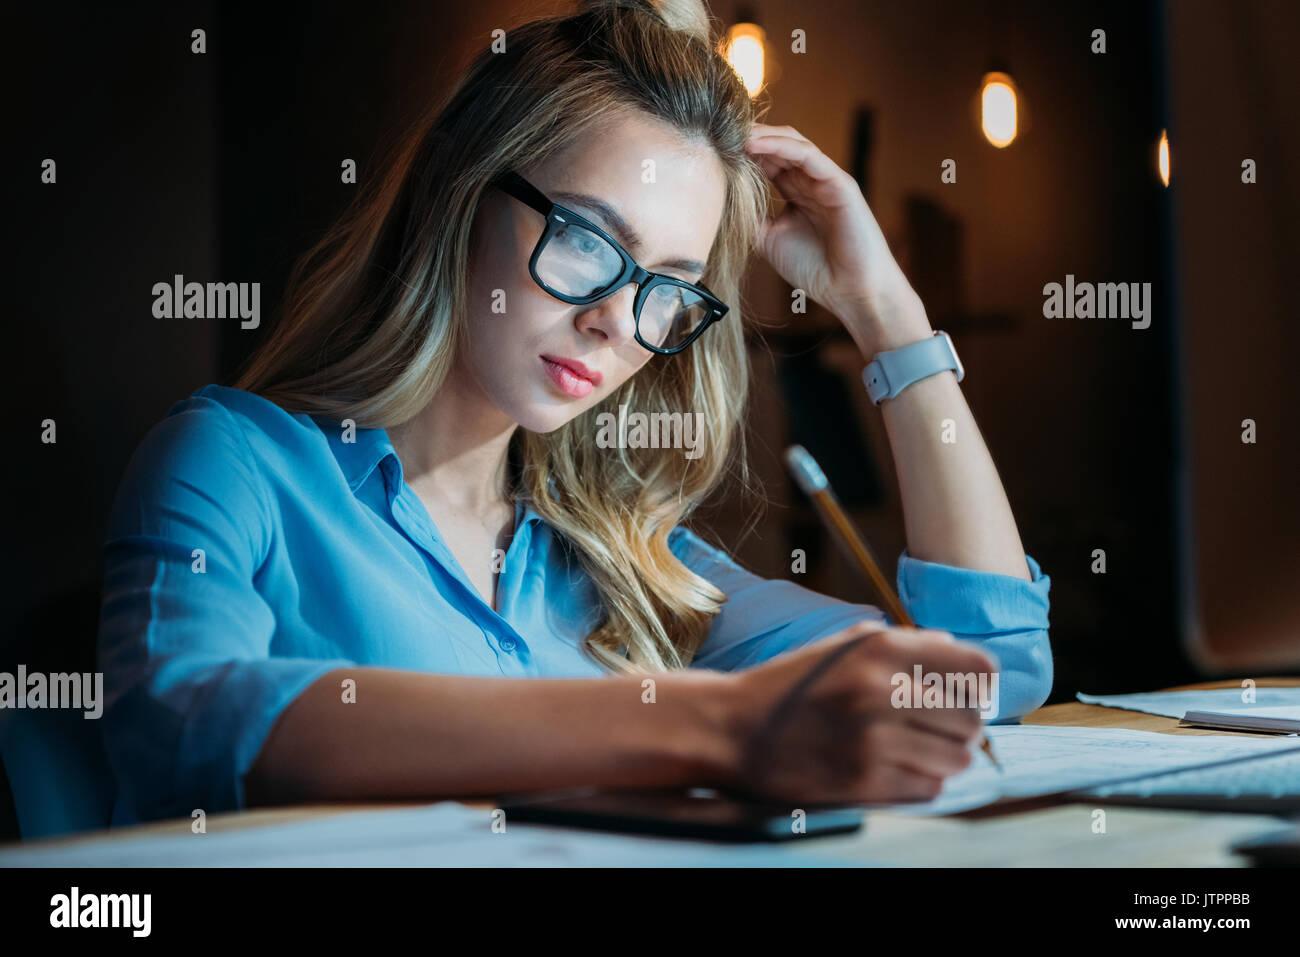 Blonde fatiguée caucasian student en lunettes d'écrire quelque chose avec un crayon et de l'étude jusqu'à la fin Photo Stock